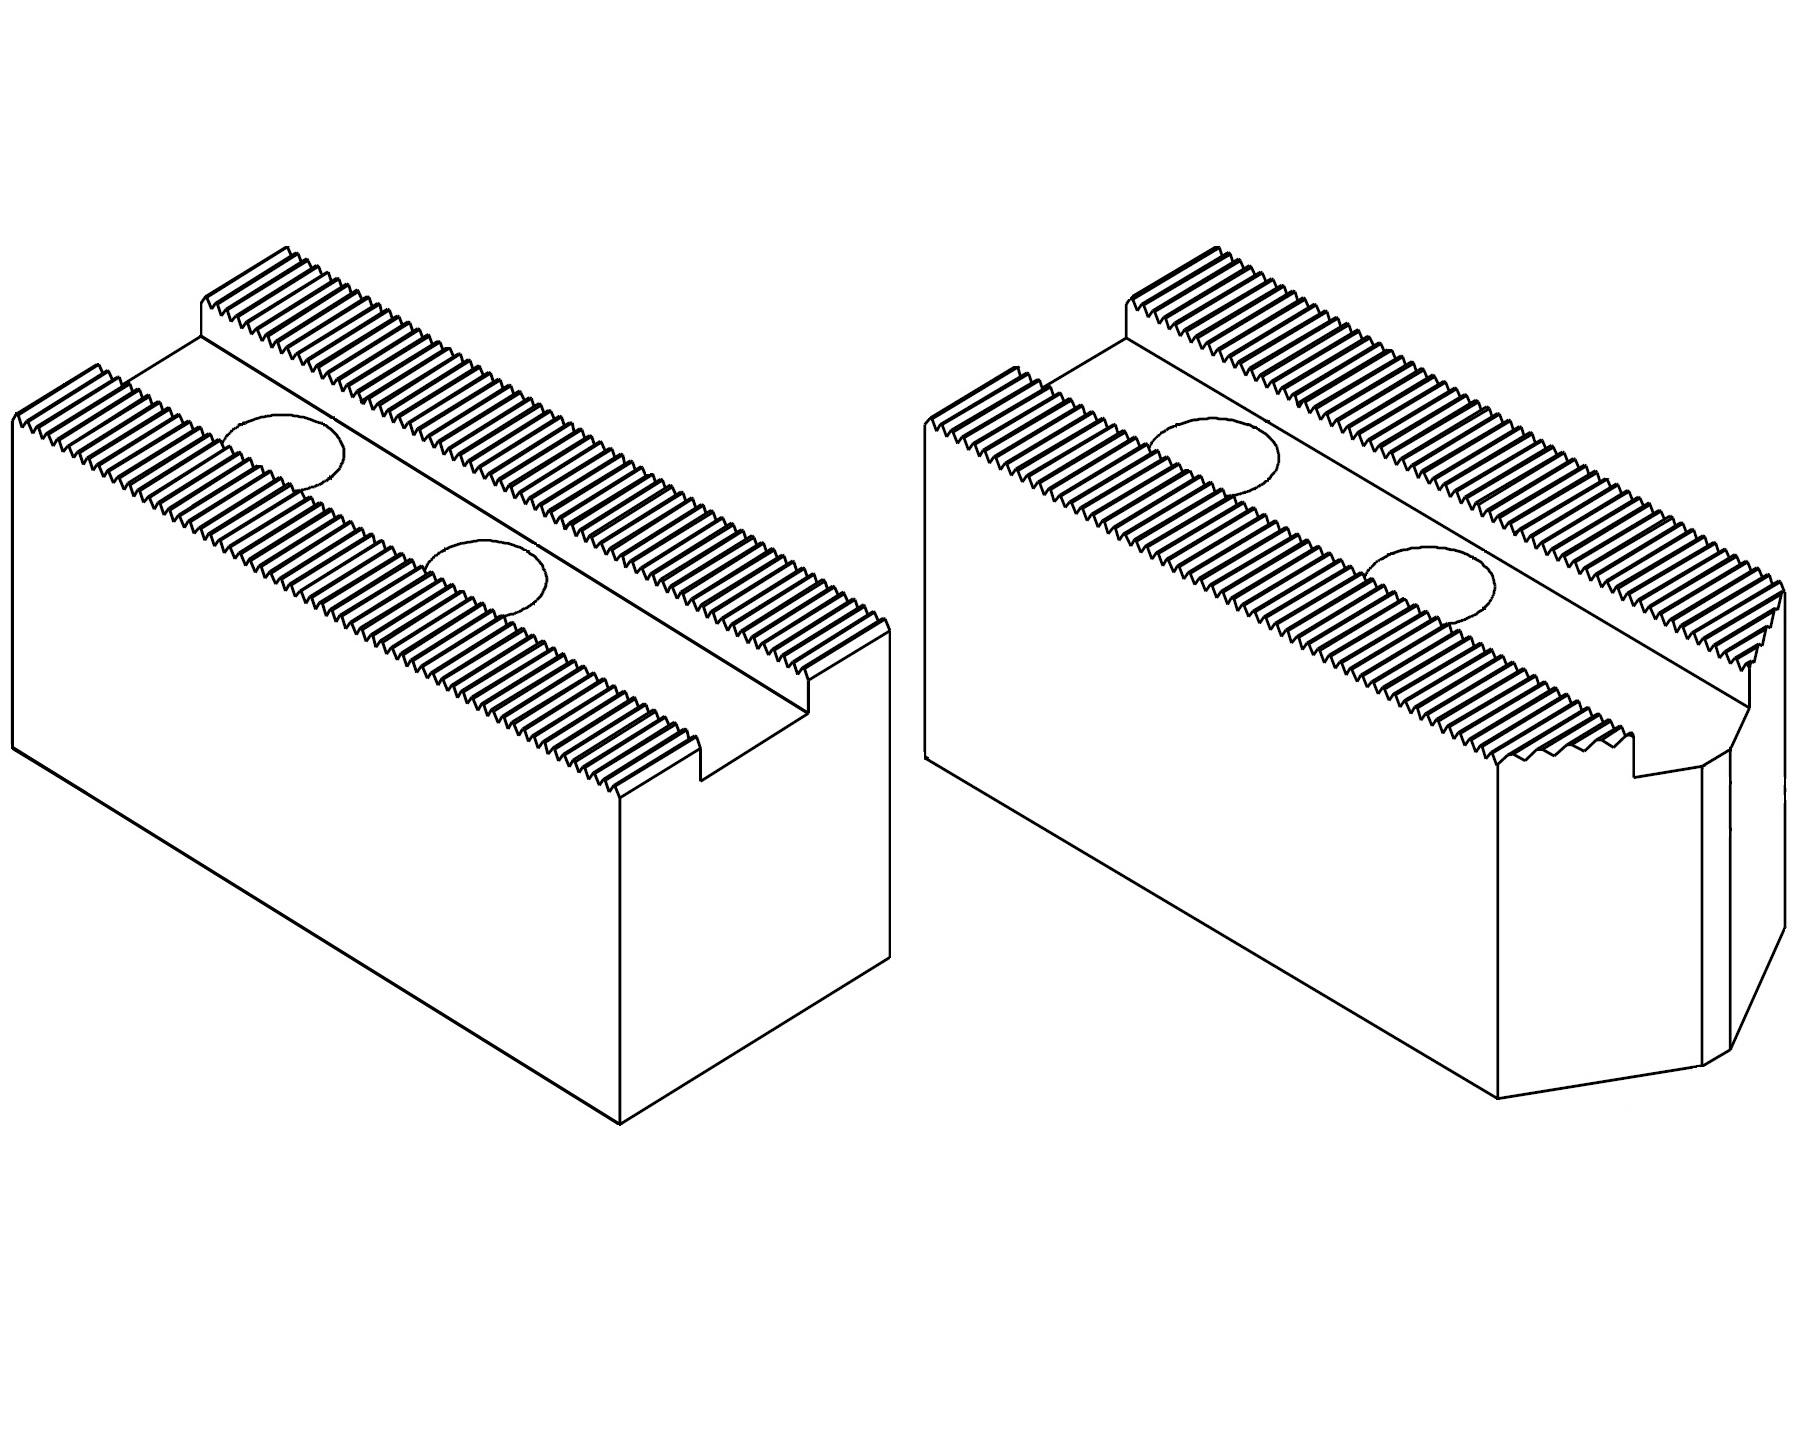 Čelisti měkké 3x60°, šířka drážky - 14 mm